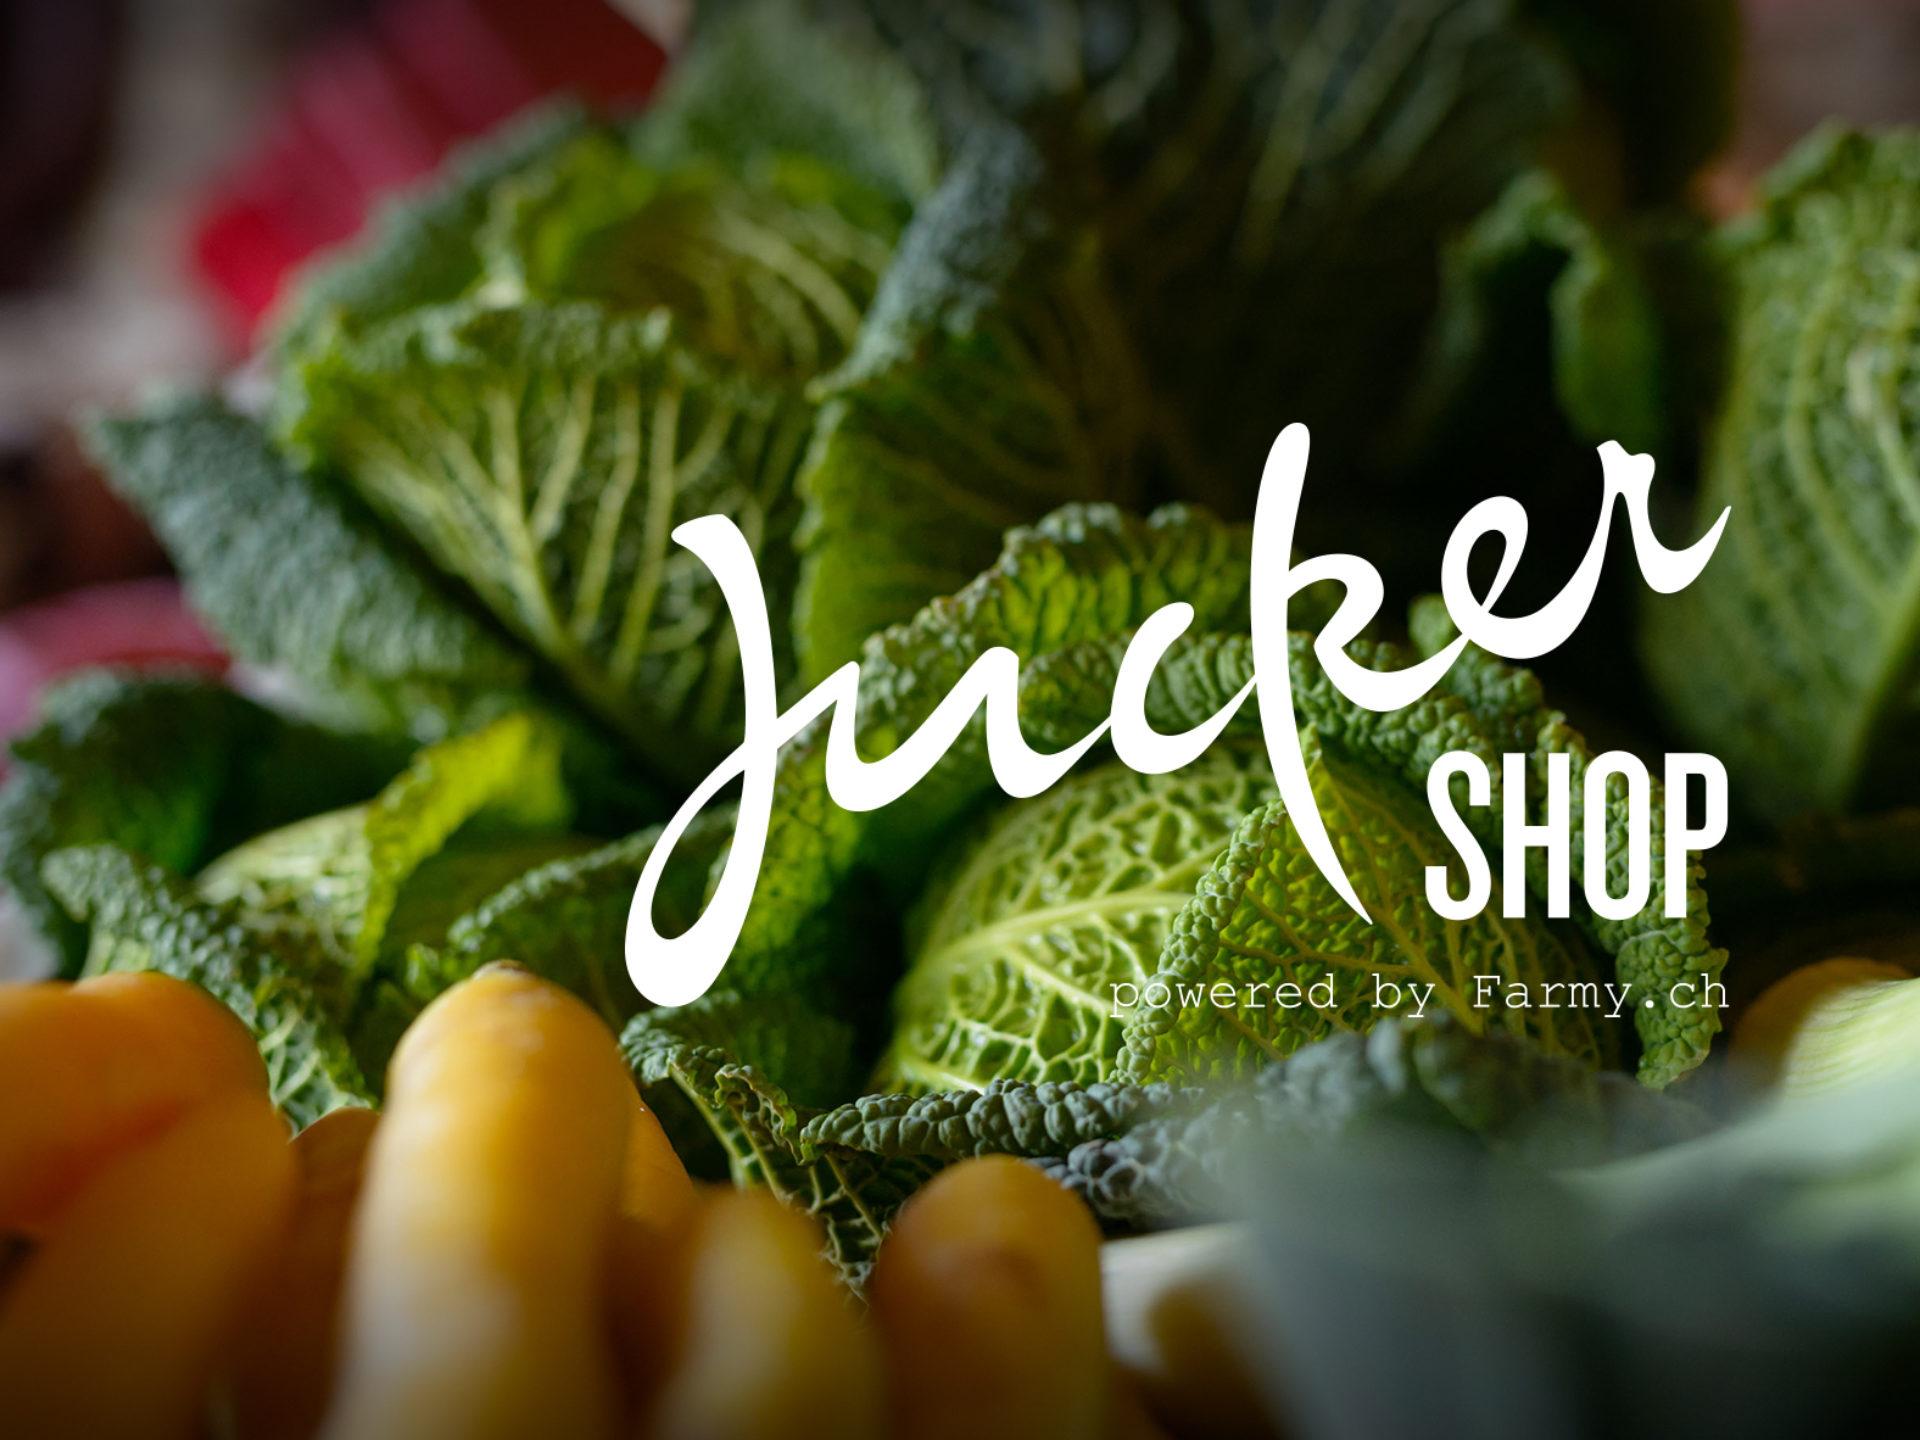 Juckershop - der Jucker-Online-Shop